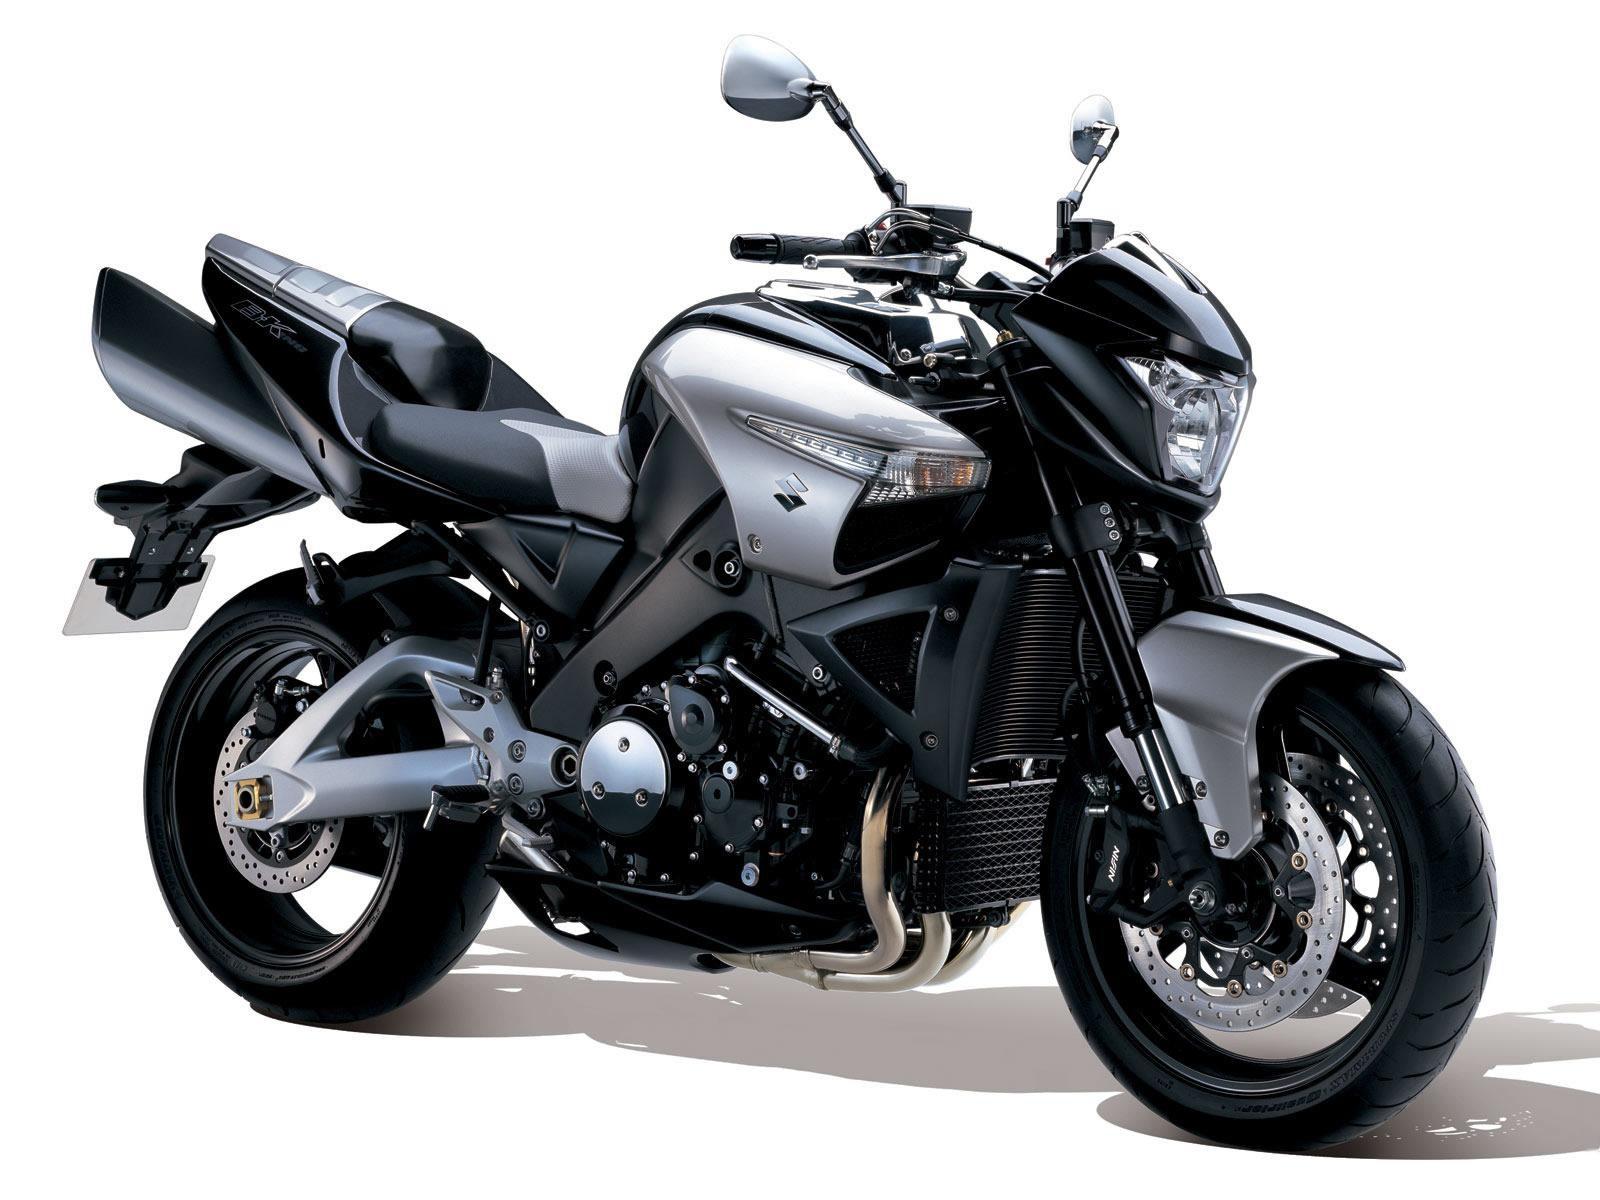 Motos.Autocity.com - Moto nueva, moto ideal, ofertas